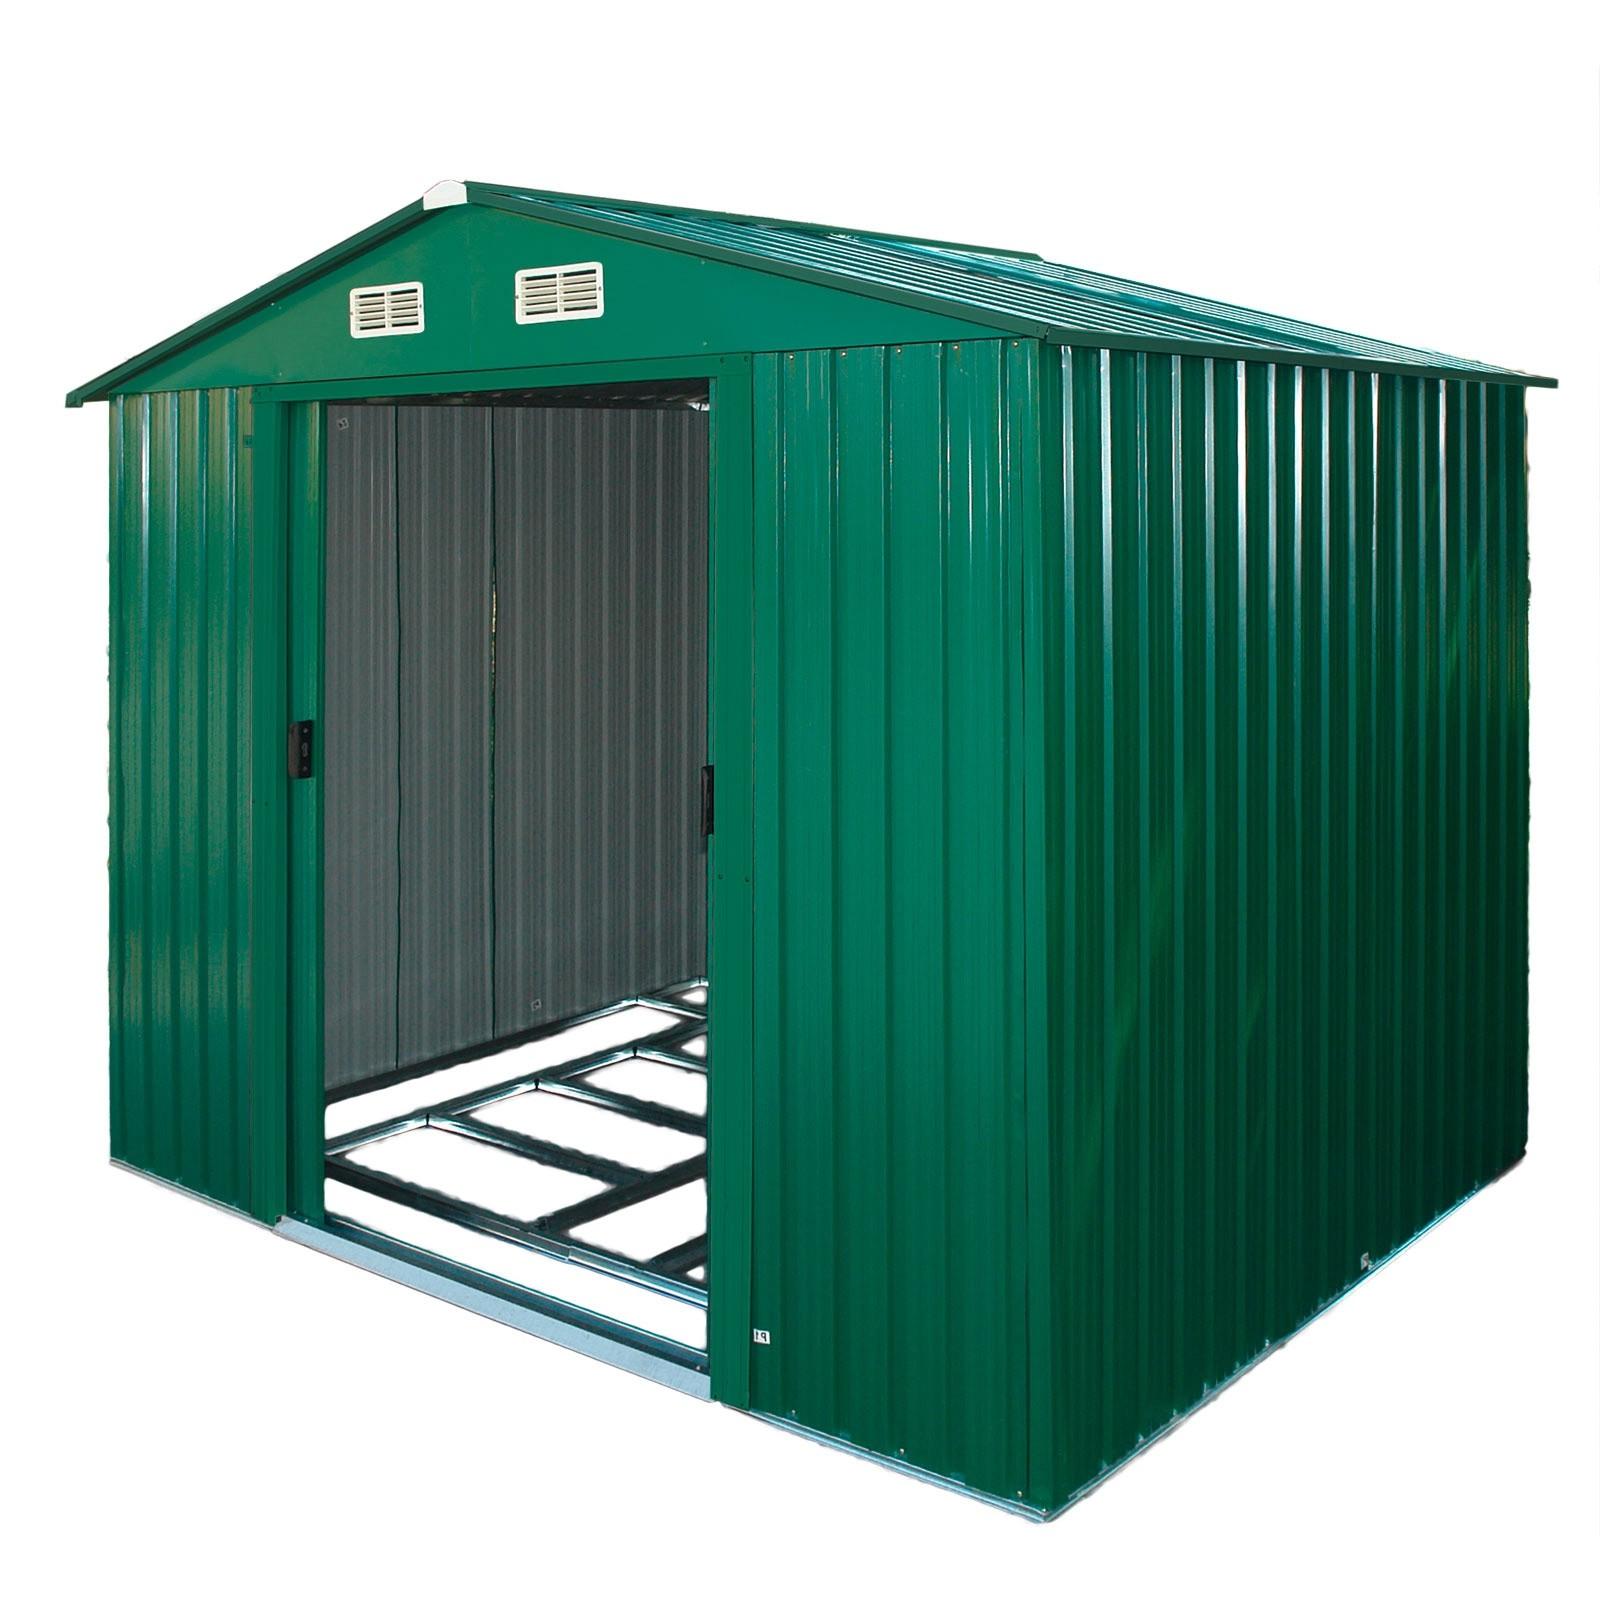 Dema Gerätehaus / Gartenhaus metall - verschiedene Größen var-gerätehaus